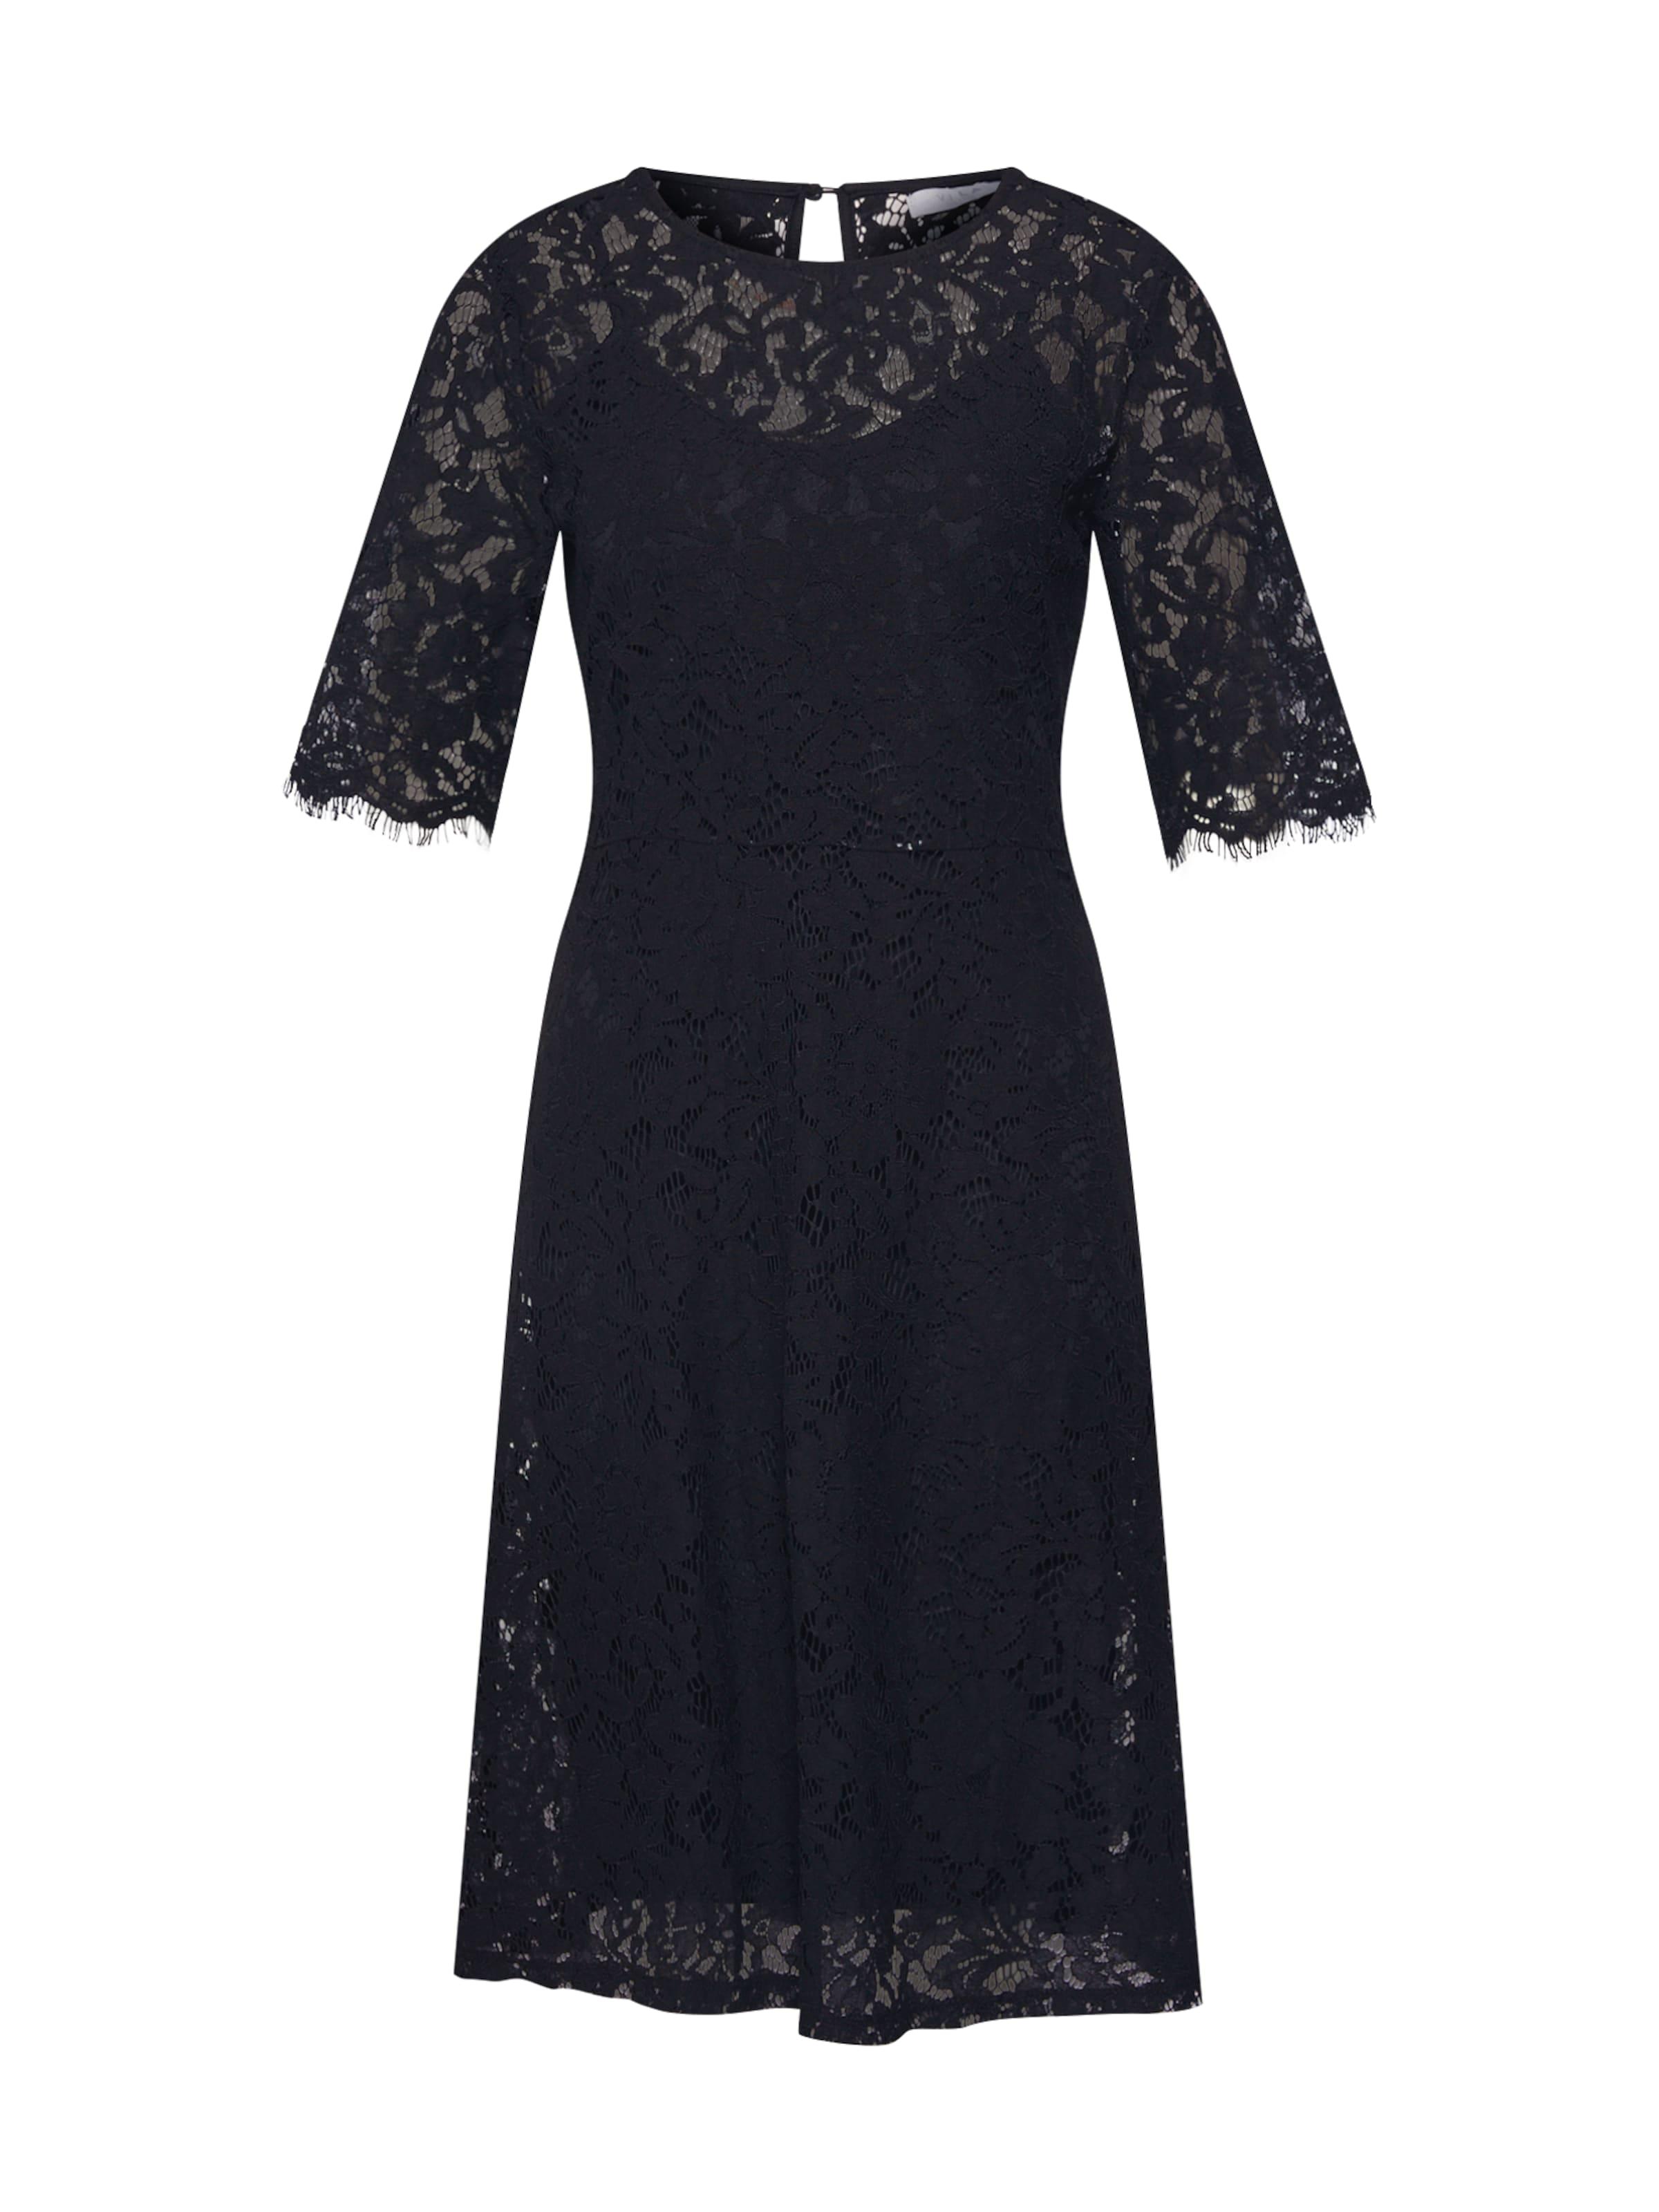 Schwarz Kleid 'brielle' 'brielle' Vila Schwarz Vila In In Kleid NnwyOv8m0